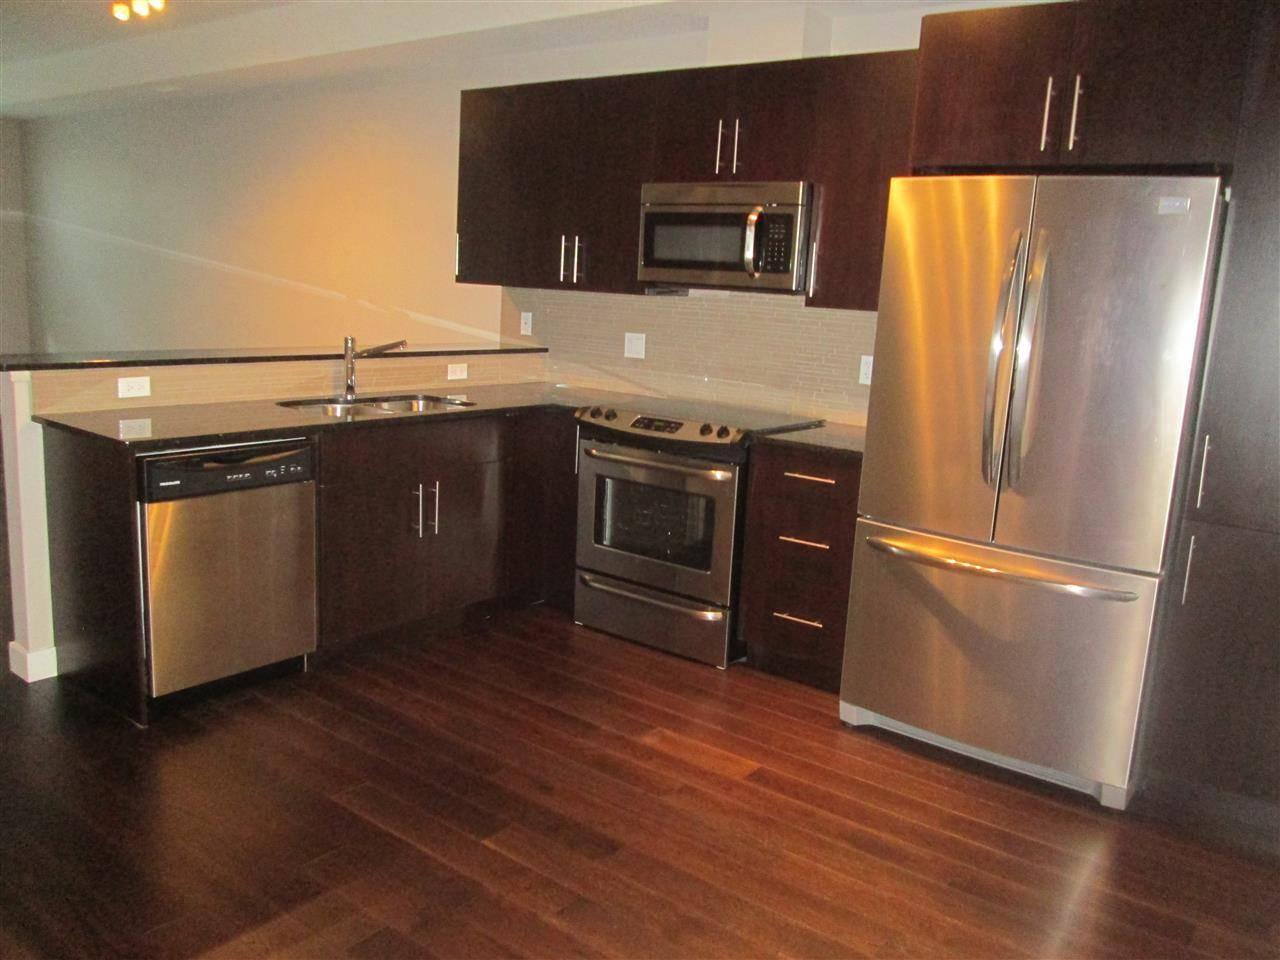 Condo for sale at 10811 72 Ave Nw Unit 205 Edmonton Alberta - MLS: E4178395